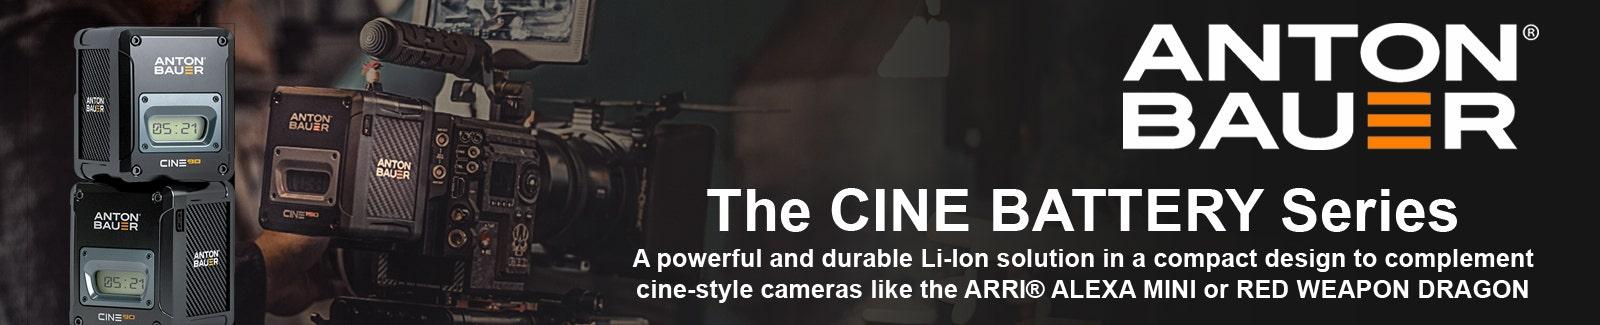 anton-bauer-cine-batteries